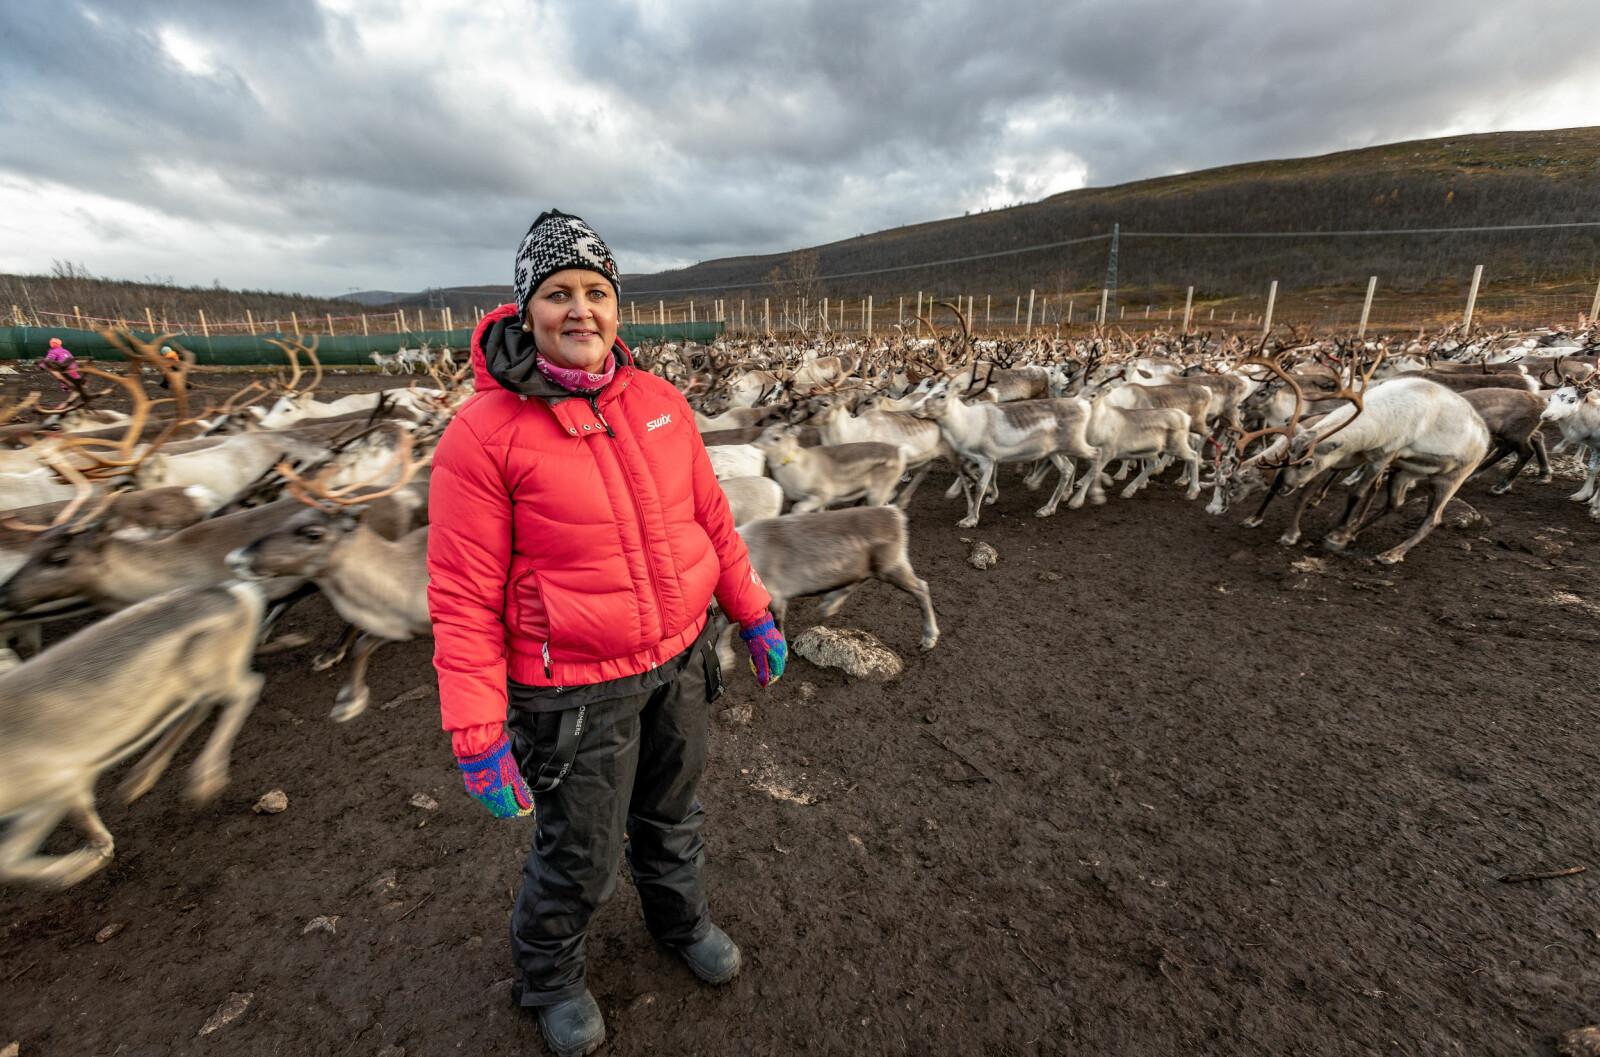 Monika Skum er styrer i Guovddáš mánáidgárdi, Alta kommunes første samiske barnehage. – Vår barnehage skiller seg fra de norske ved at språket er samisk, og noe av pedagogikken er litt annerledes, sier hun.